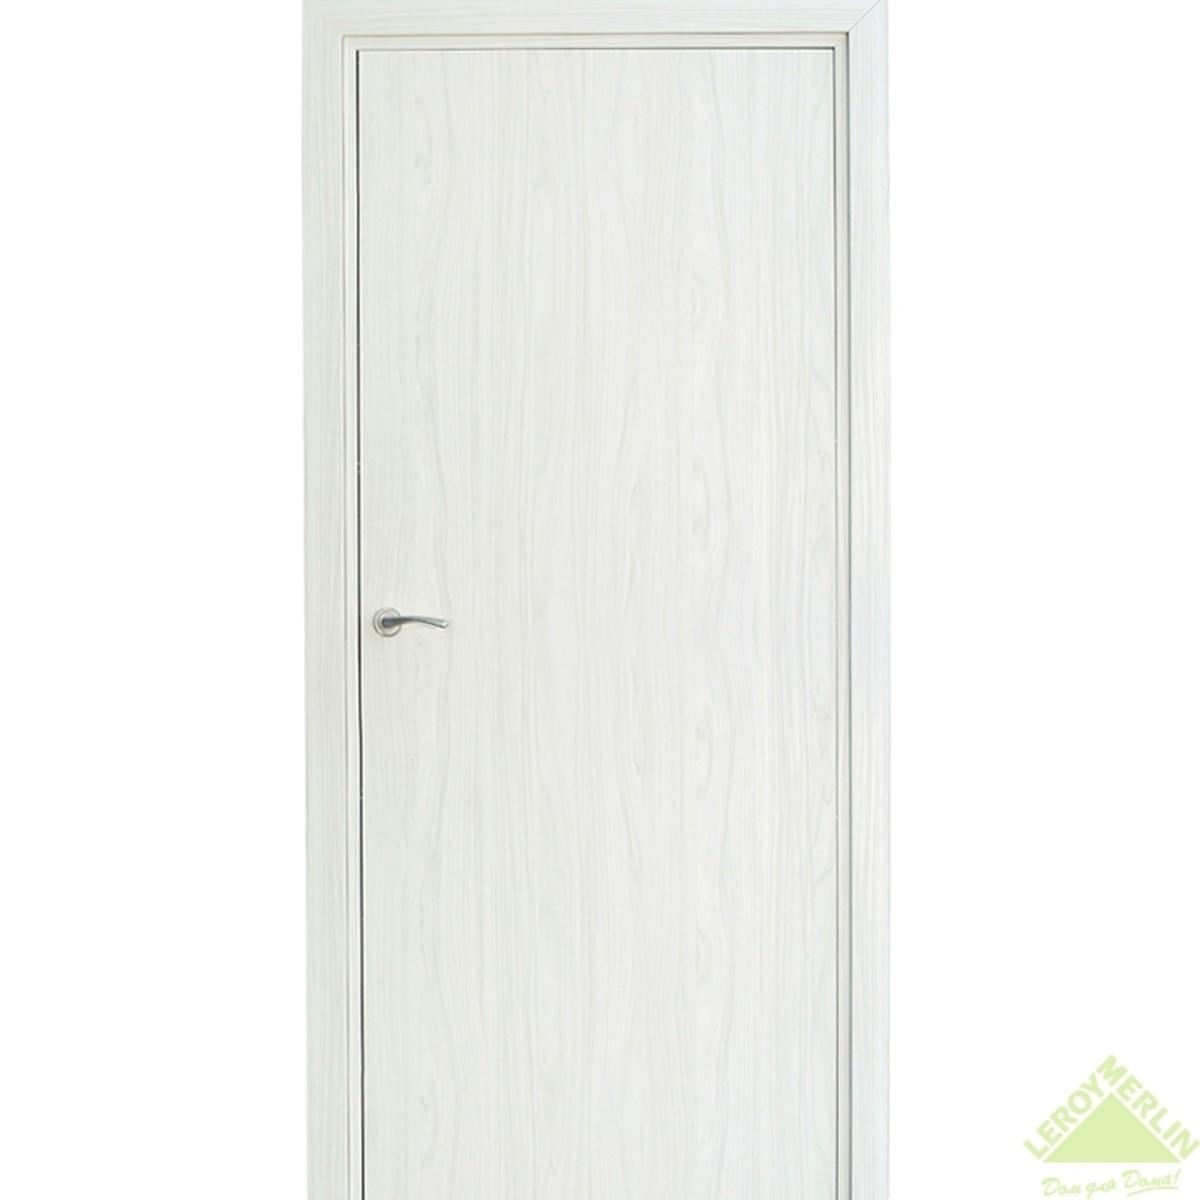 Дверь Межкомнатная Глухая Фортунато 800 700x2000 Снежный Палисандр